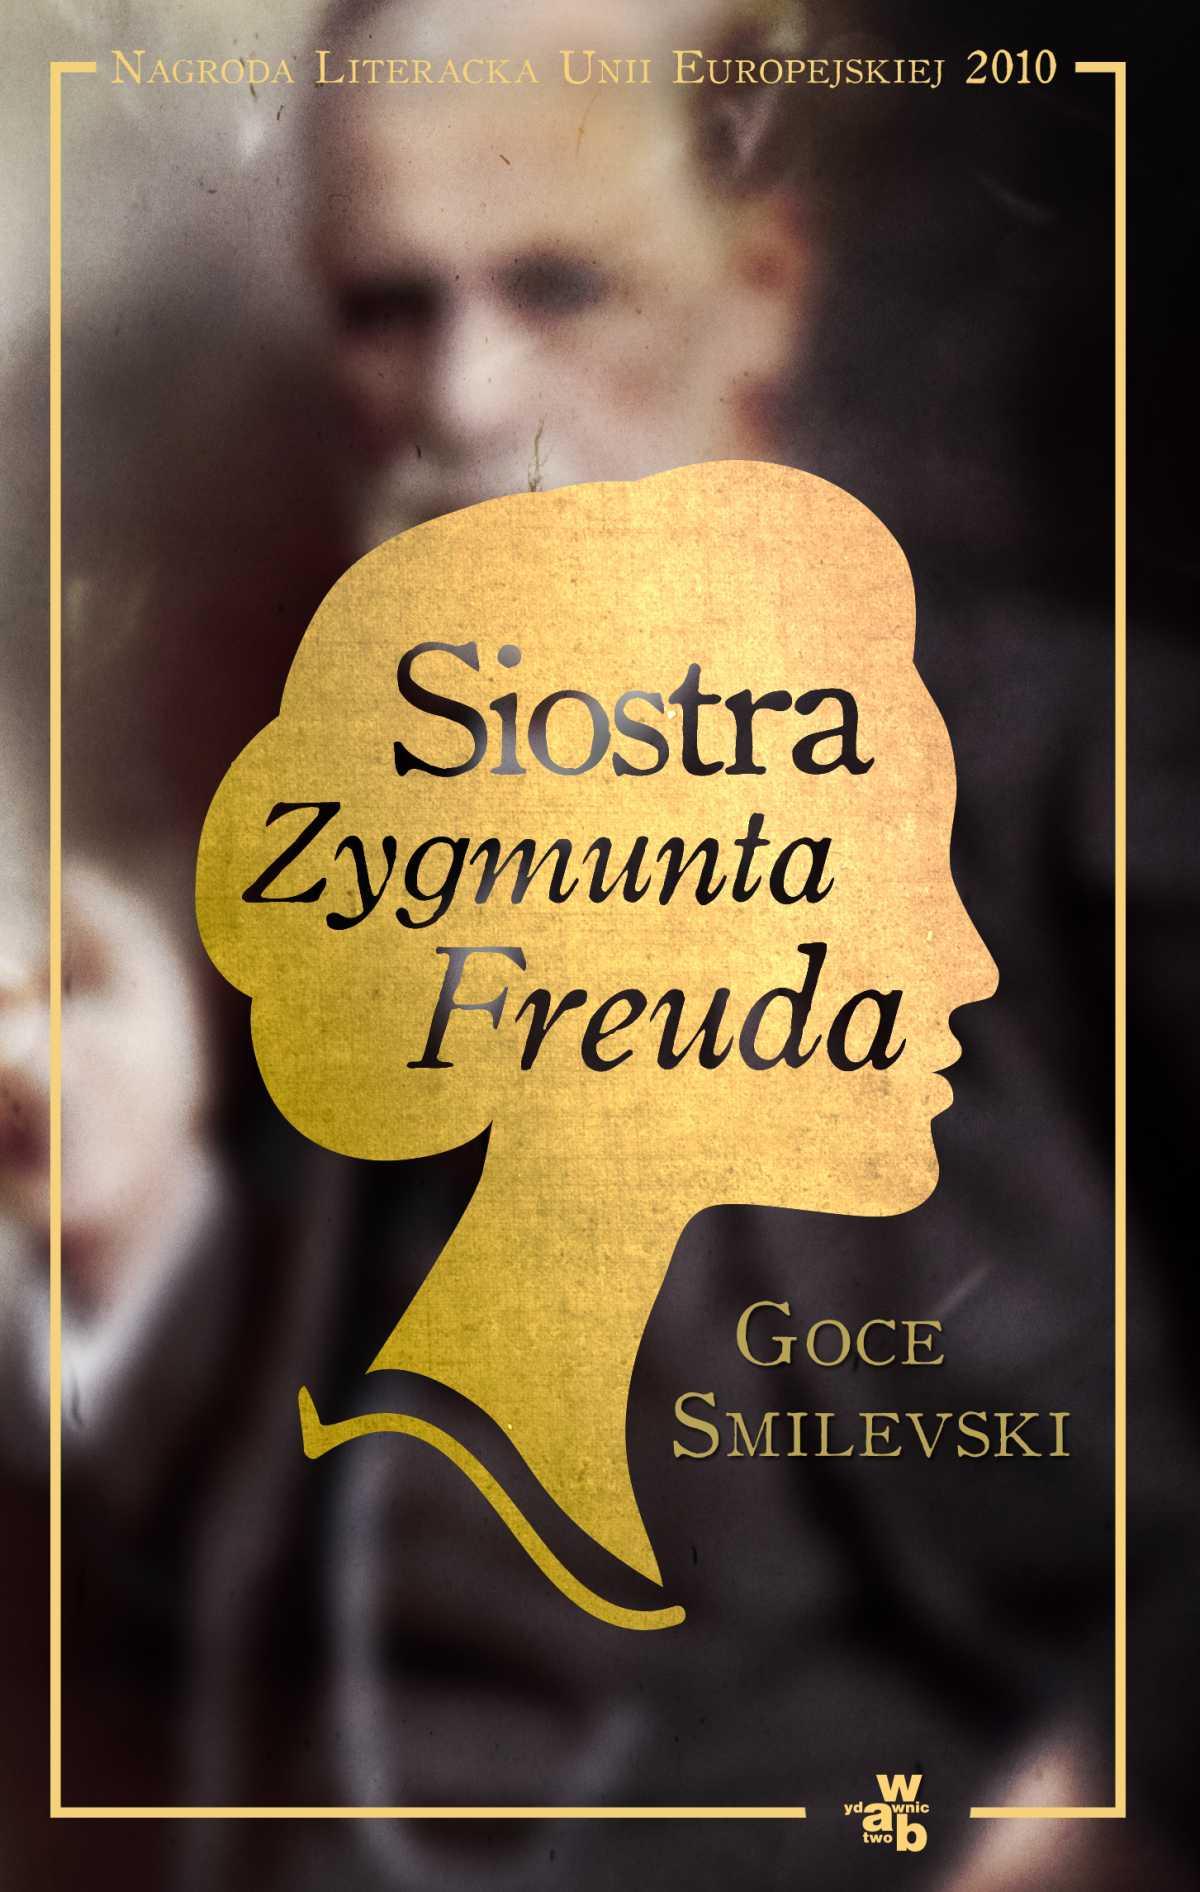 Siostra Zygmunta Freuda - Ebook (Książka na Kindle) do pobrania w formacie MOBI